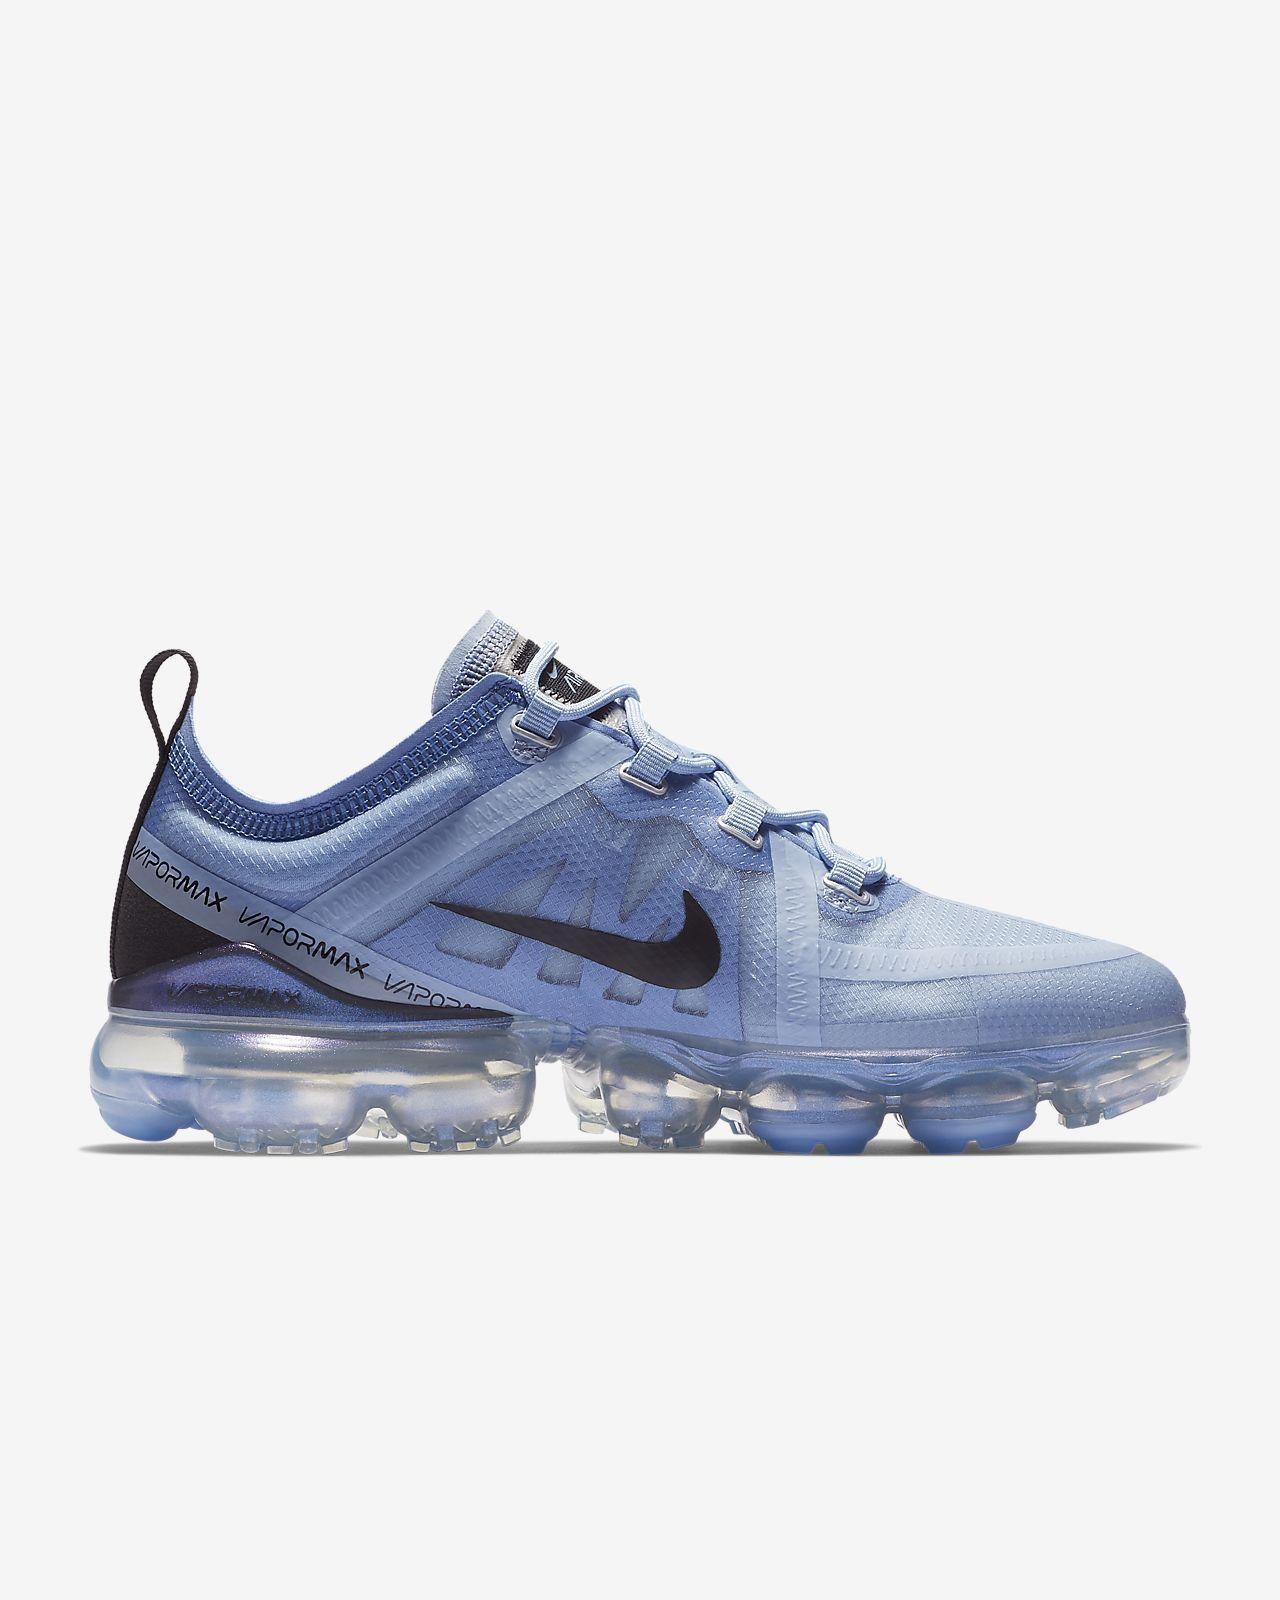 c5cc47c3fd54 Nike Air VaporMax 2019 Women s Shoe. Nike.com LU